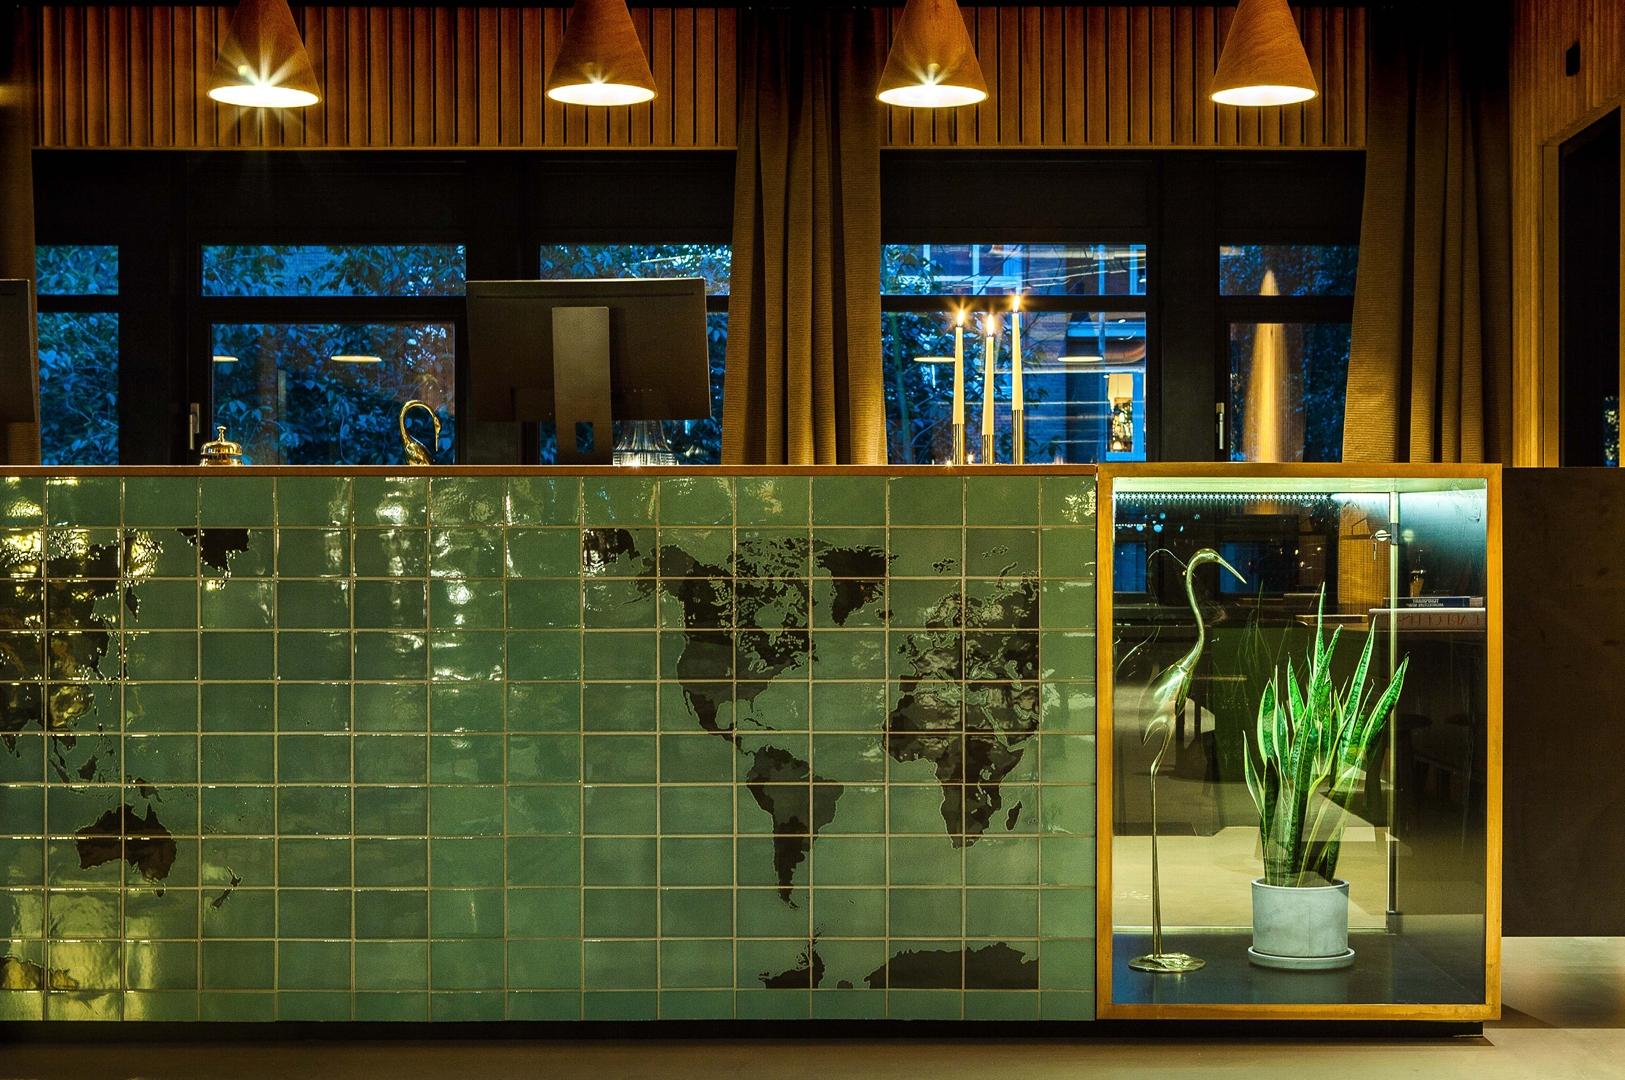 Hotel V Fizeaustraat (2) (Copy)